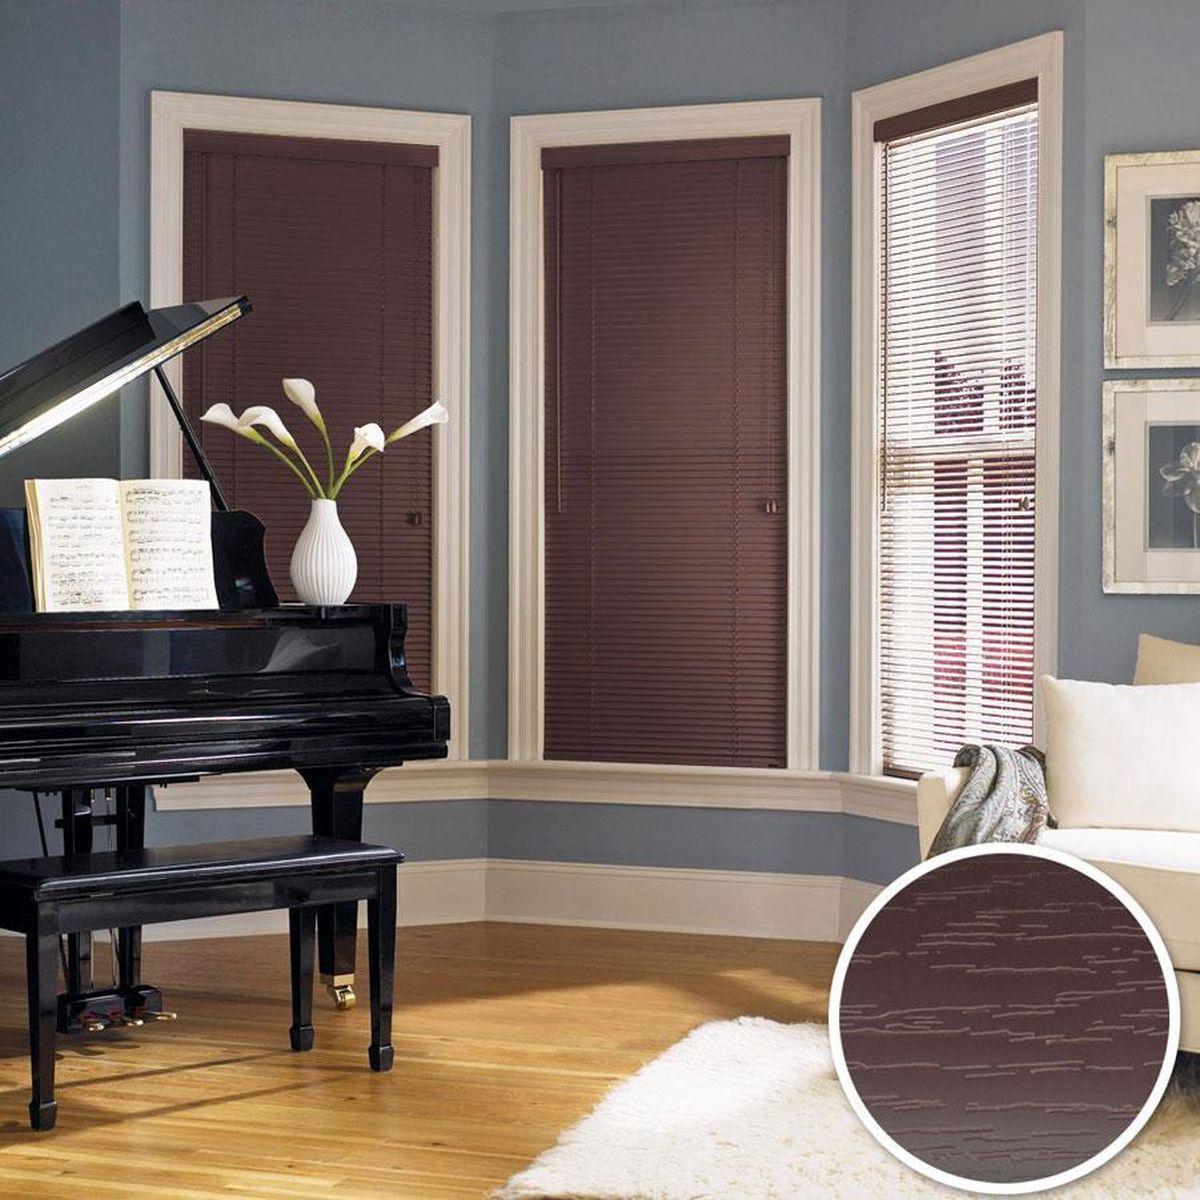 Жалюзи пластиковые 38 мм Эскар, горизонтальные, цвет: темный кофе, ширина 100 см, высота 160 см6160160Для того чтобы придать интерьеру изюминку и завершенность, нет ничего лучше, чем использовать жалюзи на окнах квартиры, дома или офиса. С их помощью можно подчеркнуть индивидуальный вкус, а также стилевое оформление помещения. Помимо декоративных функций, жалюзи выполняют и практические задачи: они защищают от излишнего солнечного света, не дают помещению нагреваться, а также создают уют в темное время суток.Пластиковые жалюзи - самое универсальное и недорогое решение для любого помещения. Купить их может каждый, а широкий выбор размеров под самые популярные габариты сделает покупку простой и удобной. Пластиковые жалюзи имеют высокие эксплуатационные характеристики - они гигиеничны, что делает их незаменимыми при монтаже в детских и медицинских учреждениях.